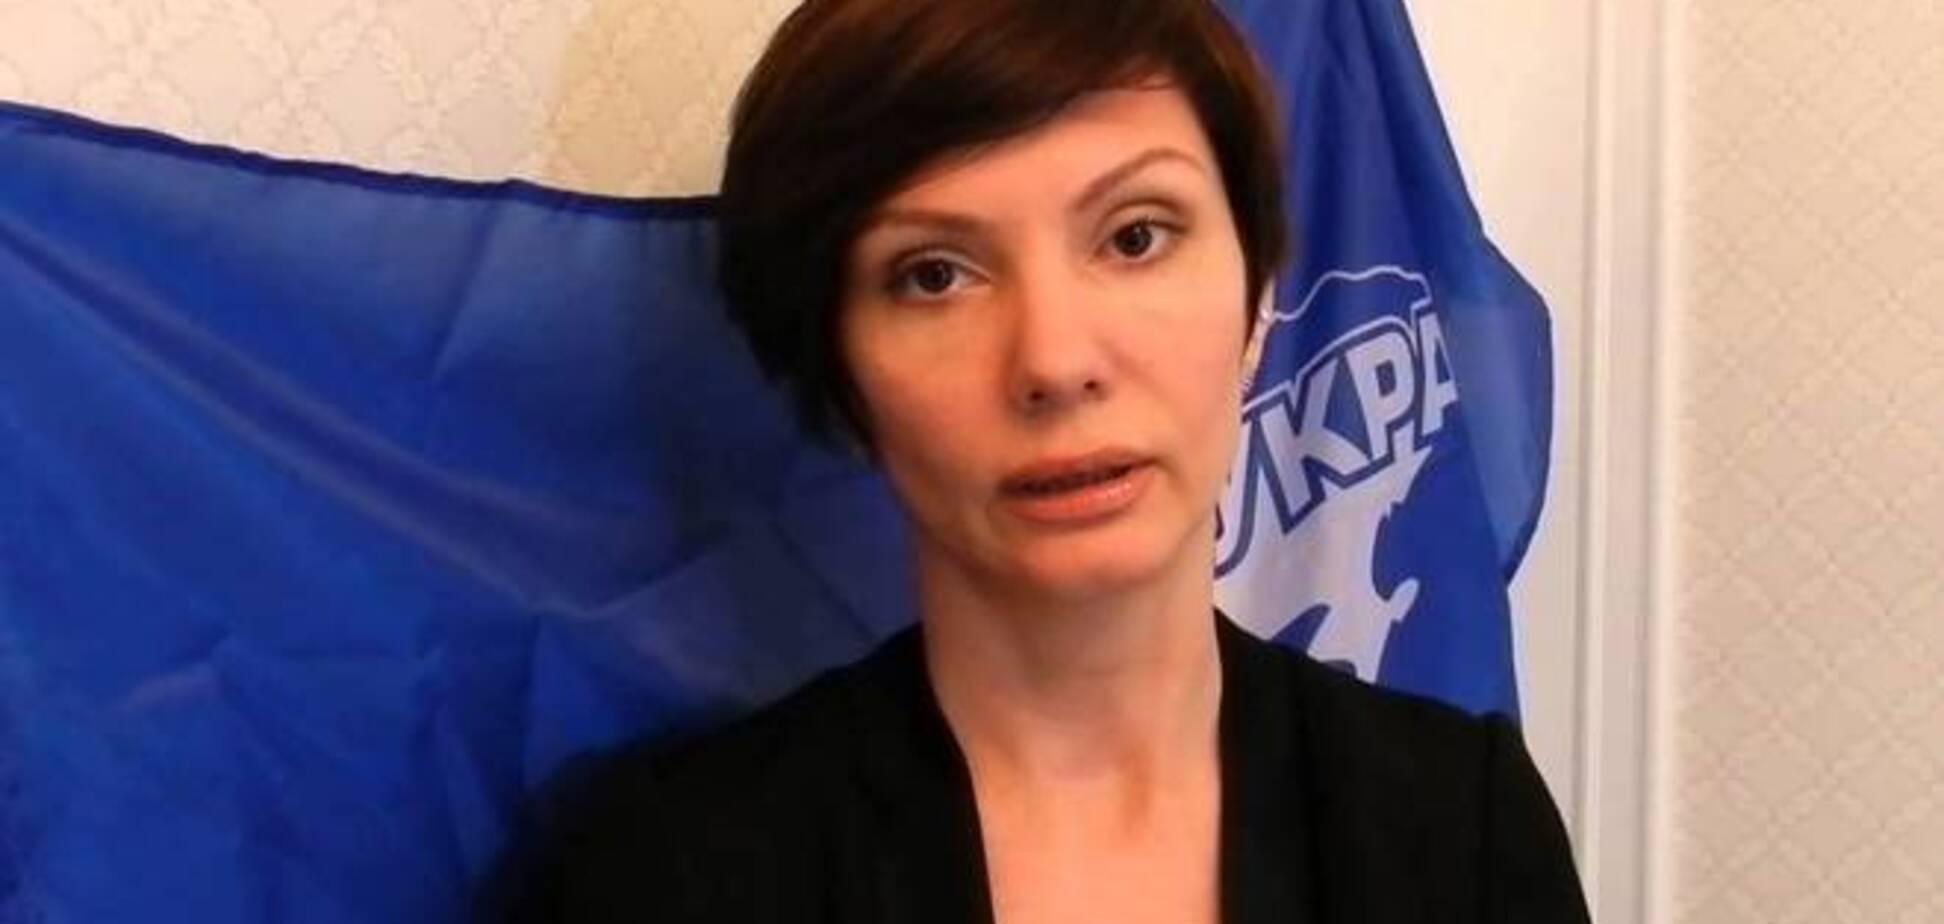 Юсупова призналась, что экс-нардеп Бондаренко вызывает у нее отвращение